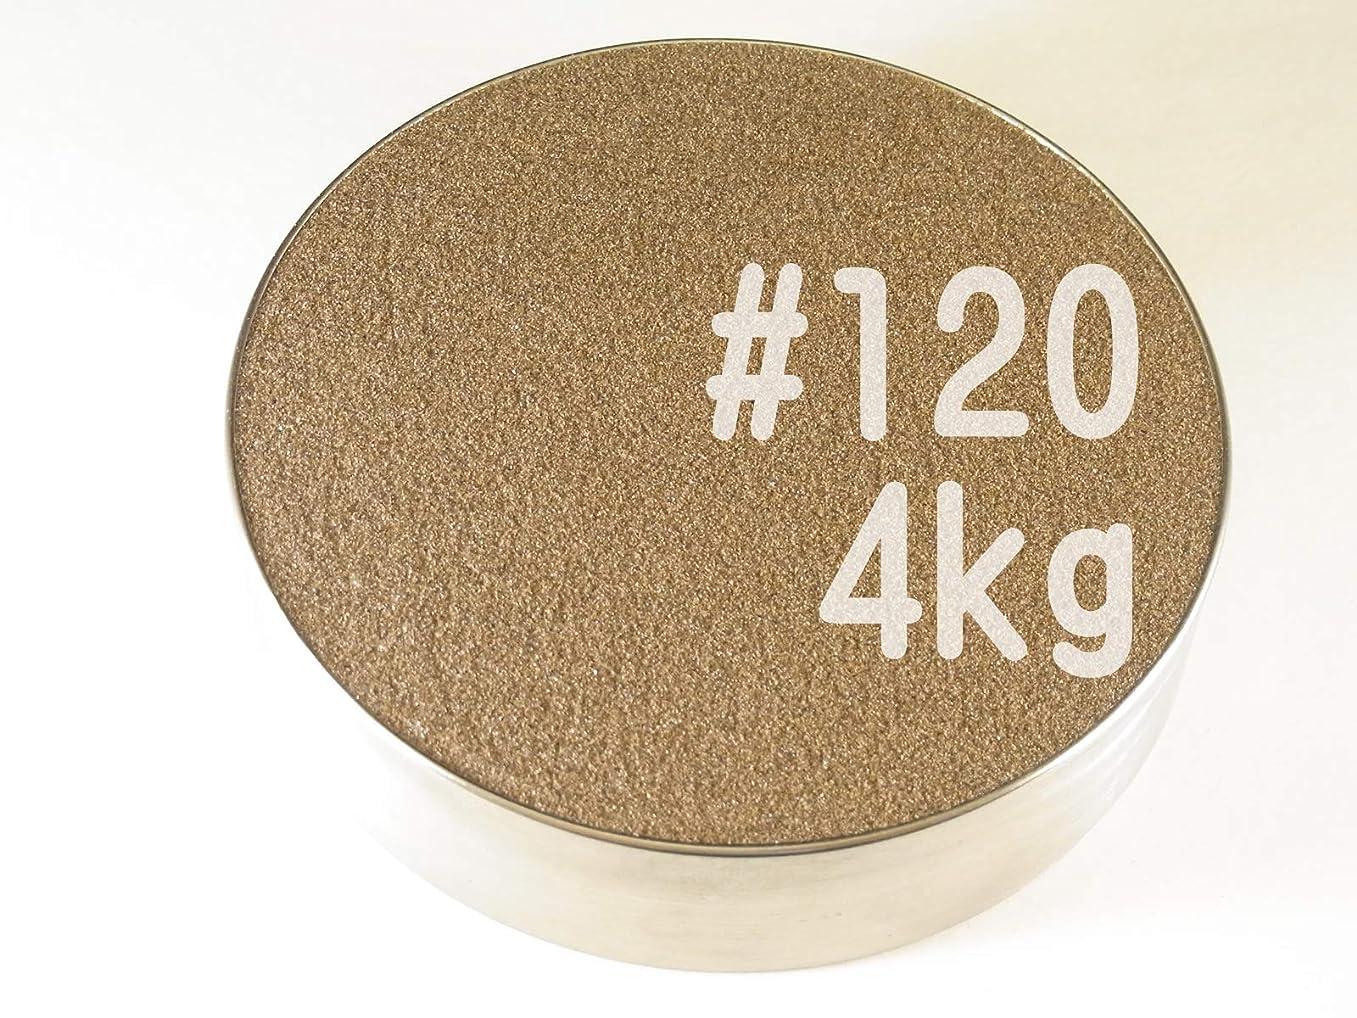 タイヤ離れた冷える#120 (4kg) アルミナサンド/アルミナメディア/砂/褐色アルミナ サンドブラスト用(番手サイズは7種類から #40#60#80#100#120#180#220 )